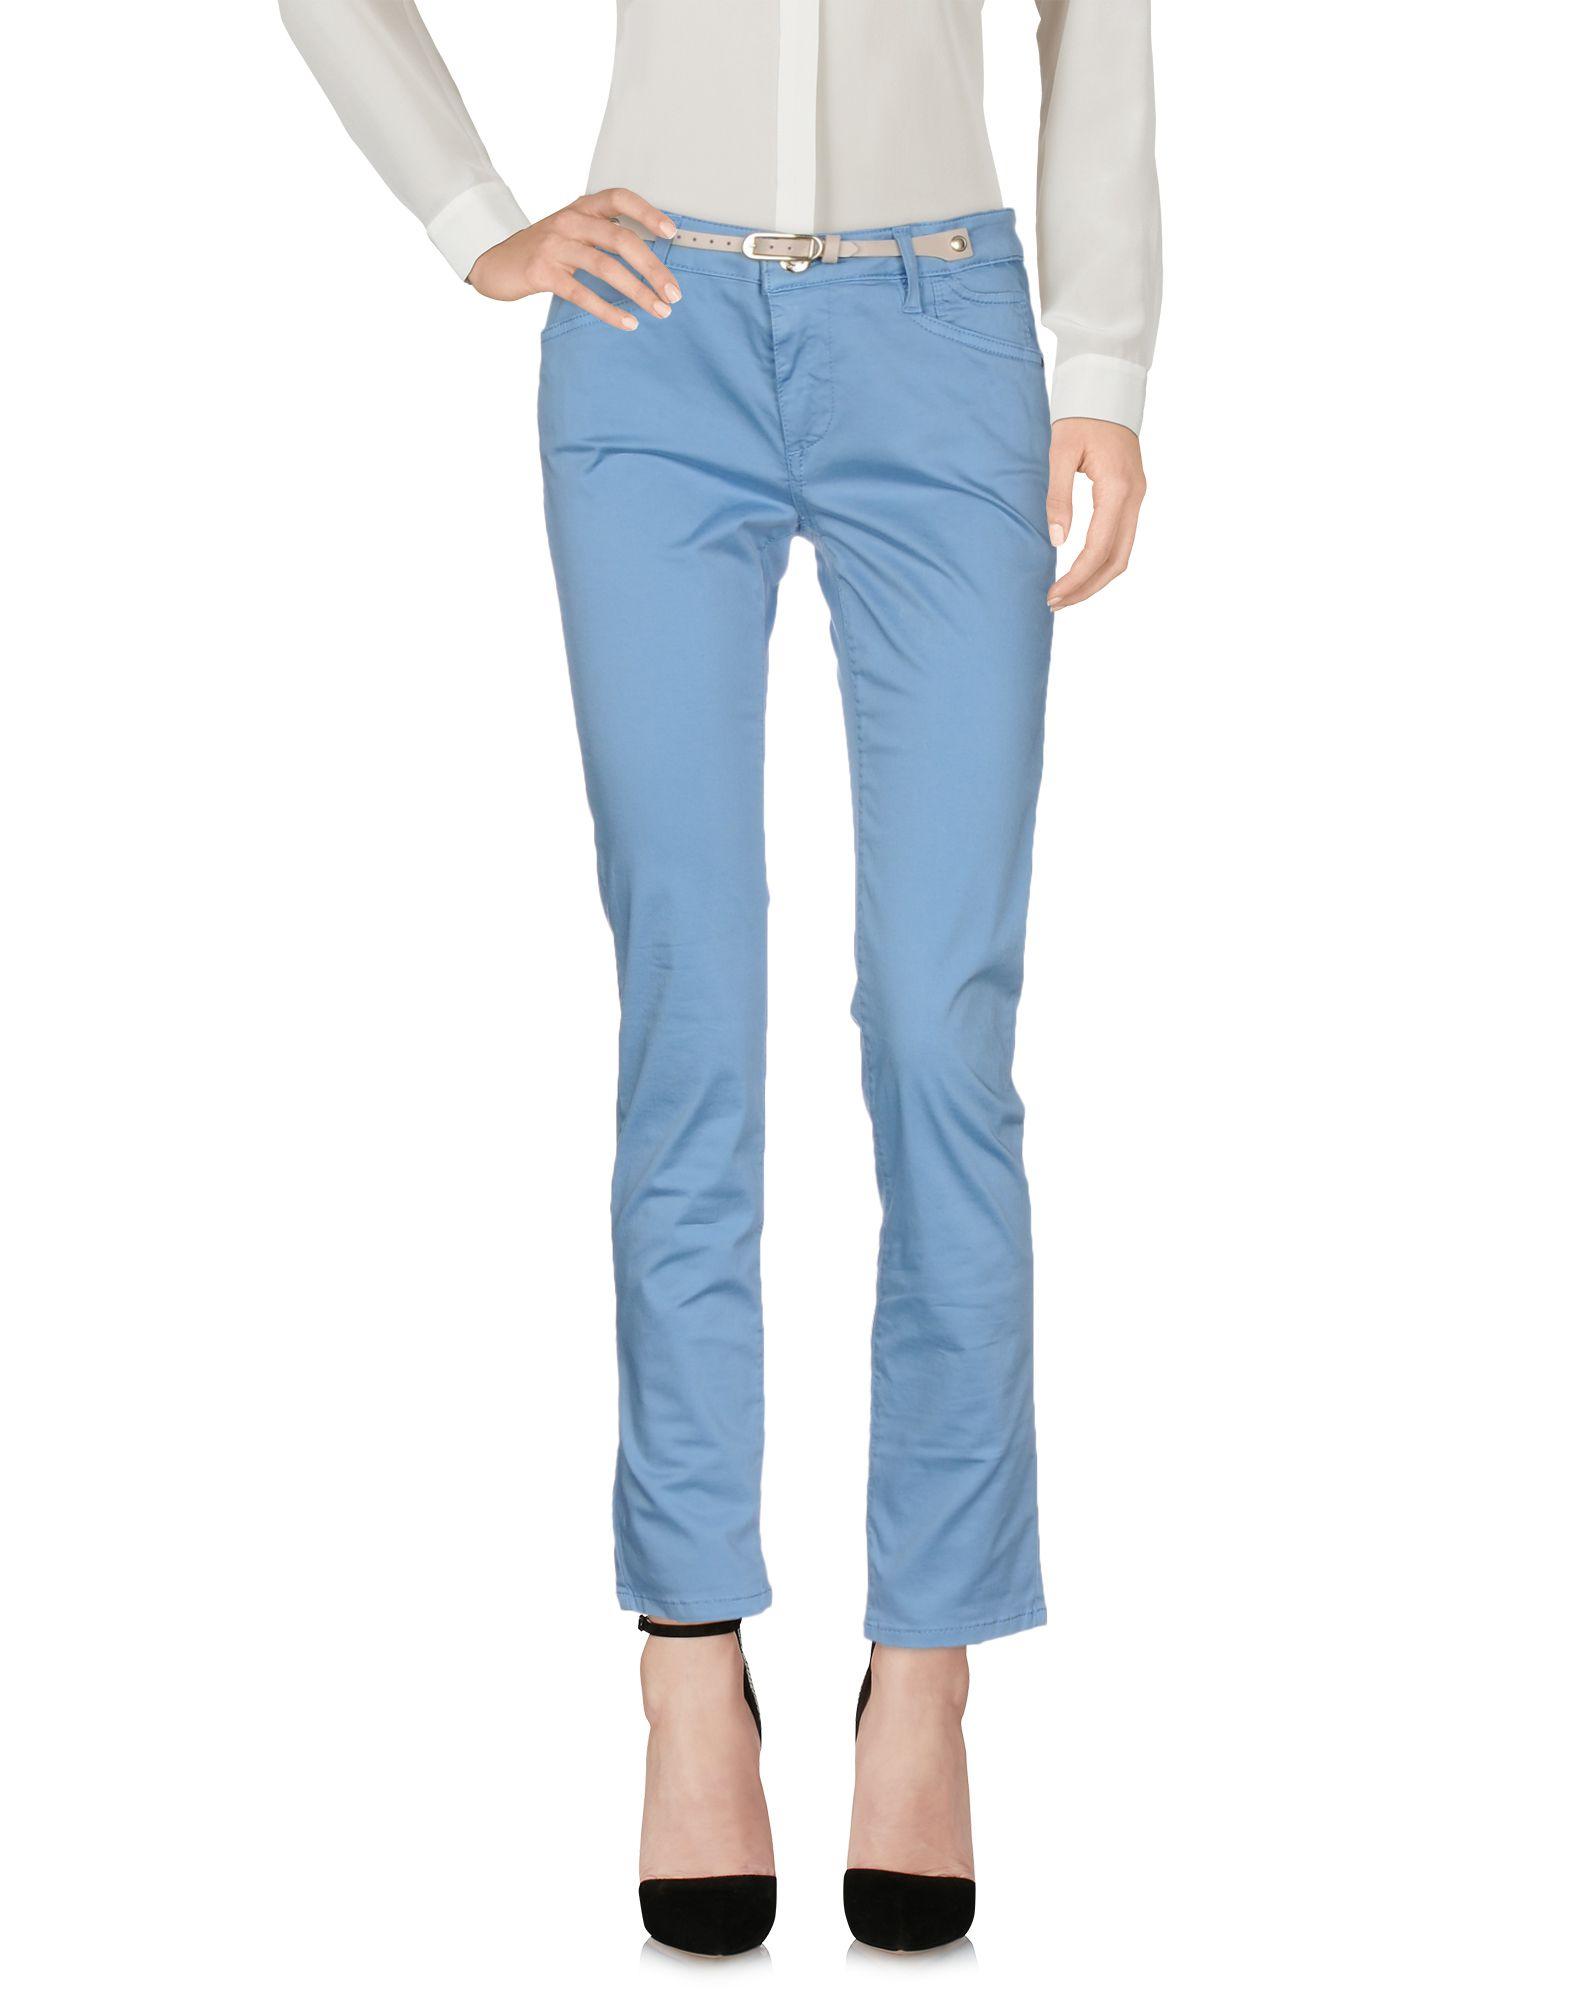 JECKERSON Повседневные брюки брюки узкие с пропиткой 5 карманов длина 30